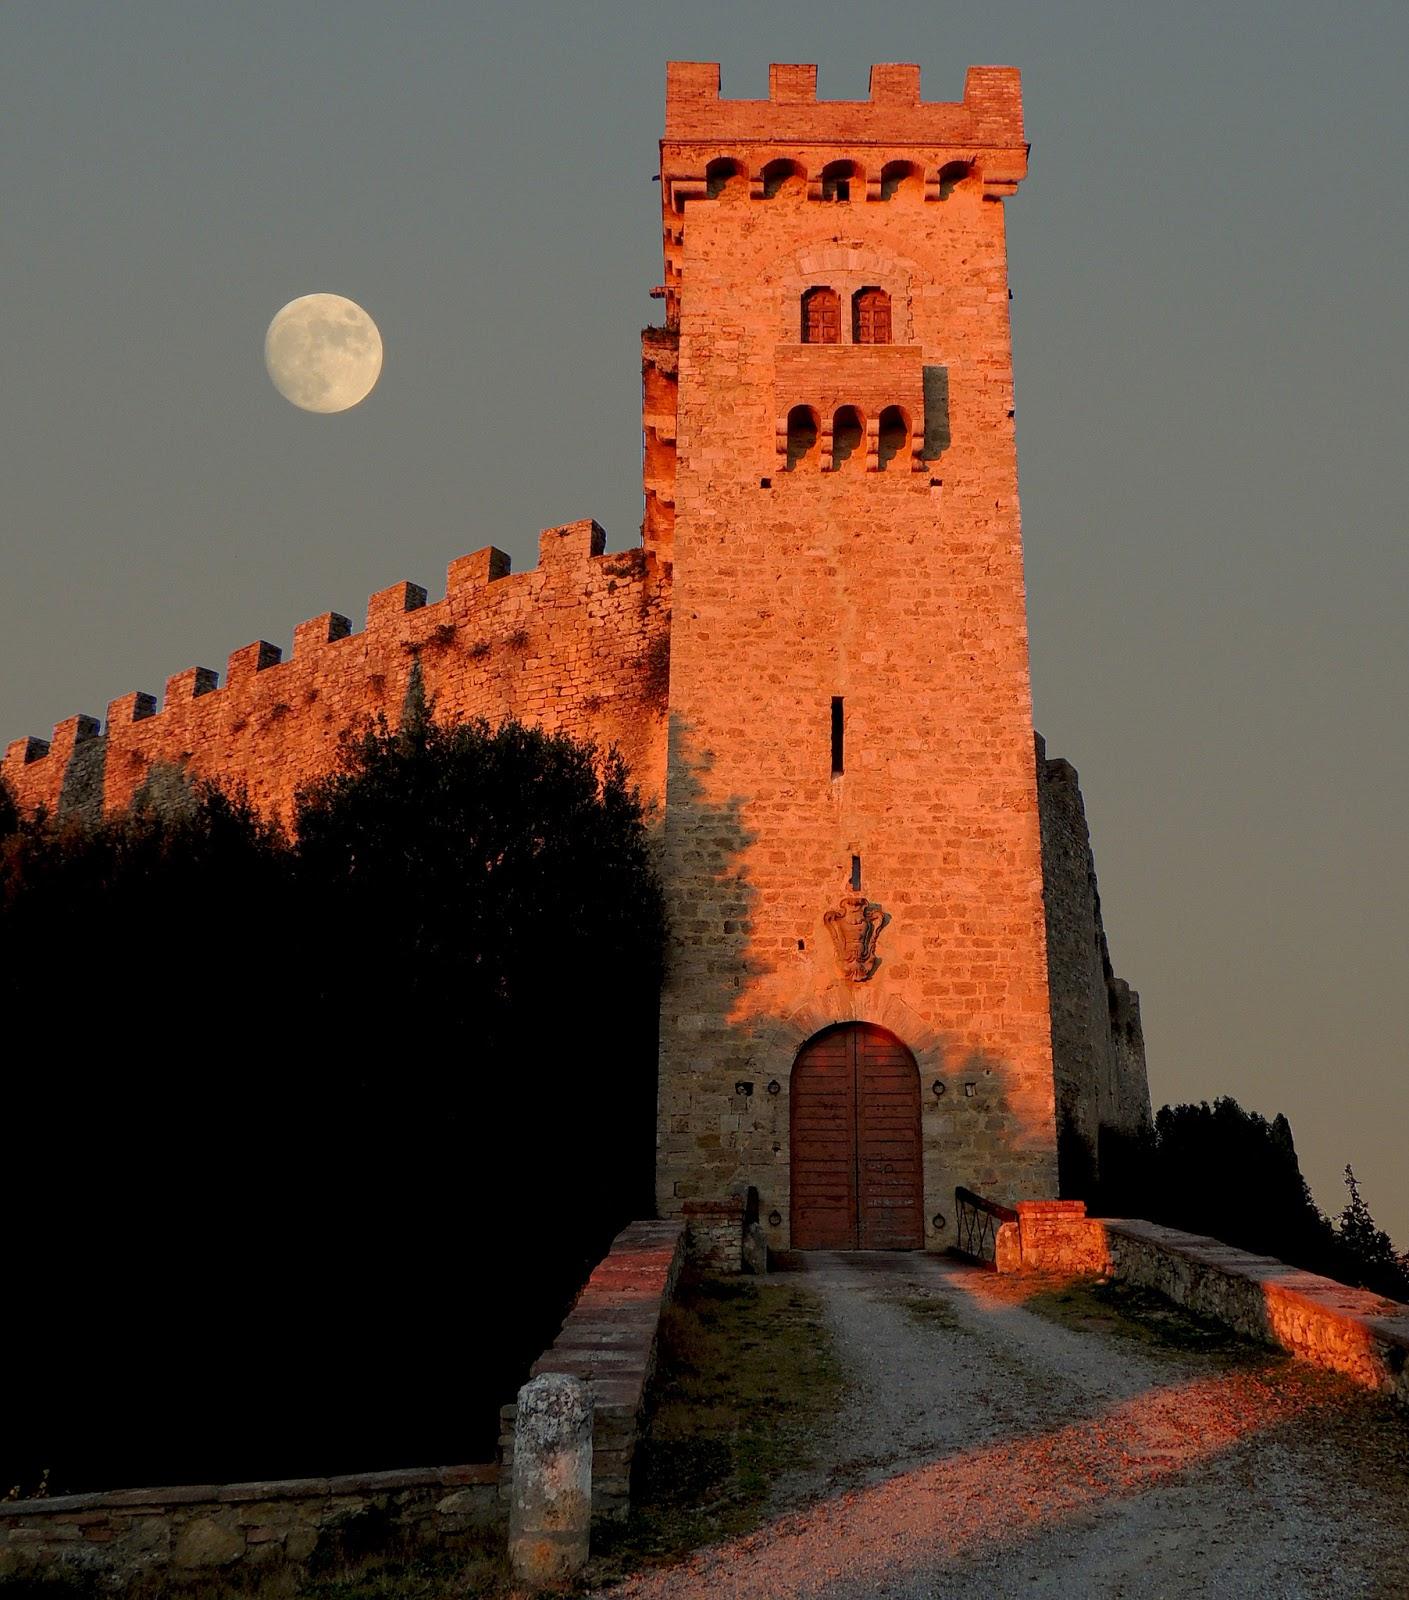 La torre di ingresso e la luna piena